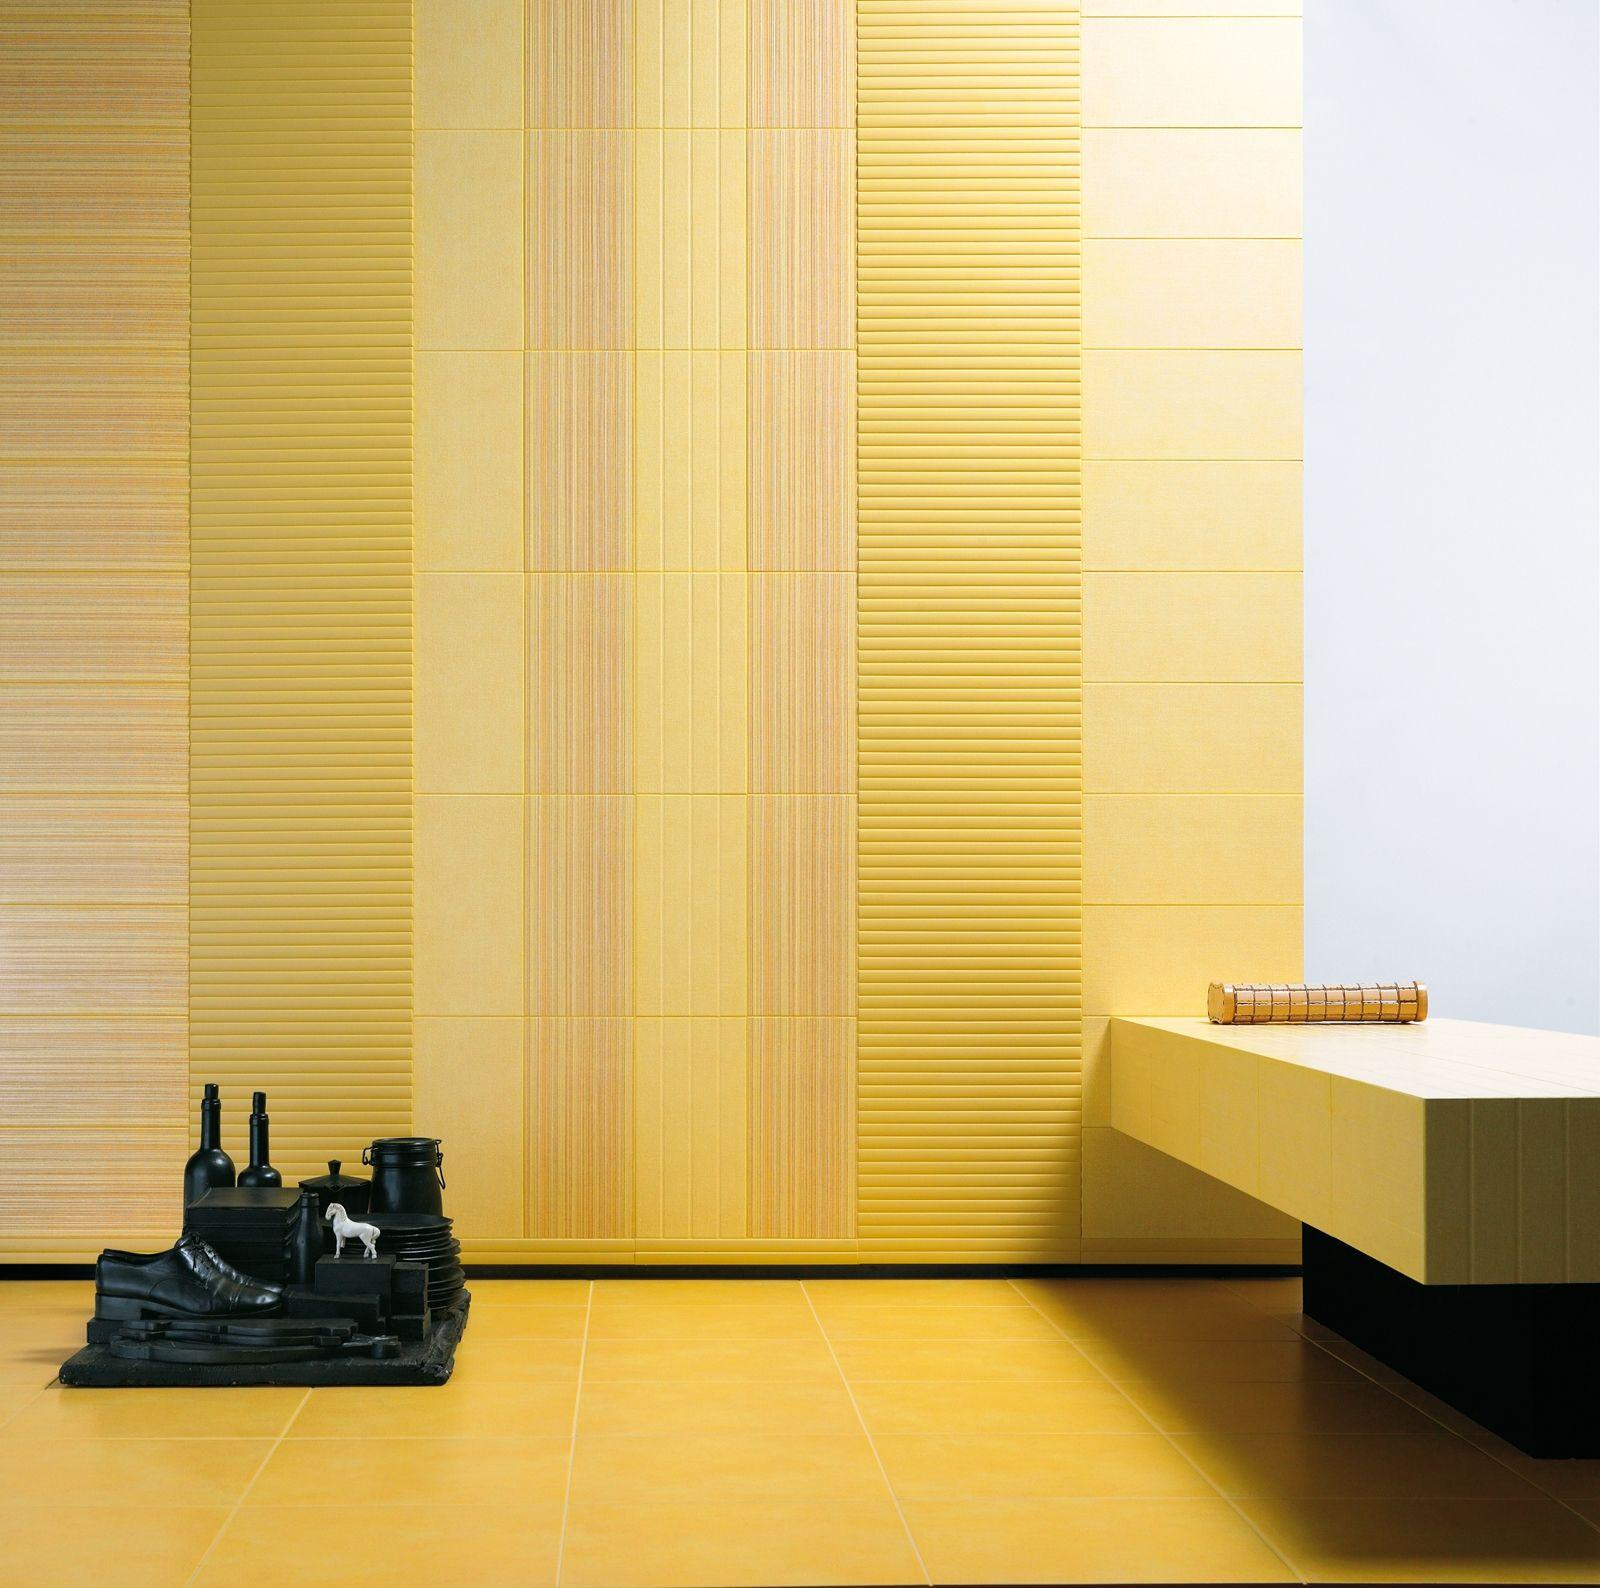 folk - piastrelle colorate per rivestimento bagno | marazzi ... - Bagni Moderni Marazzi